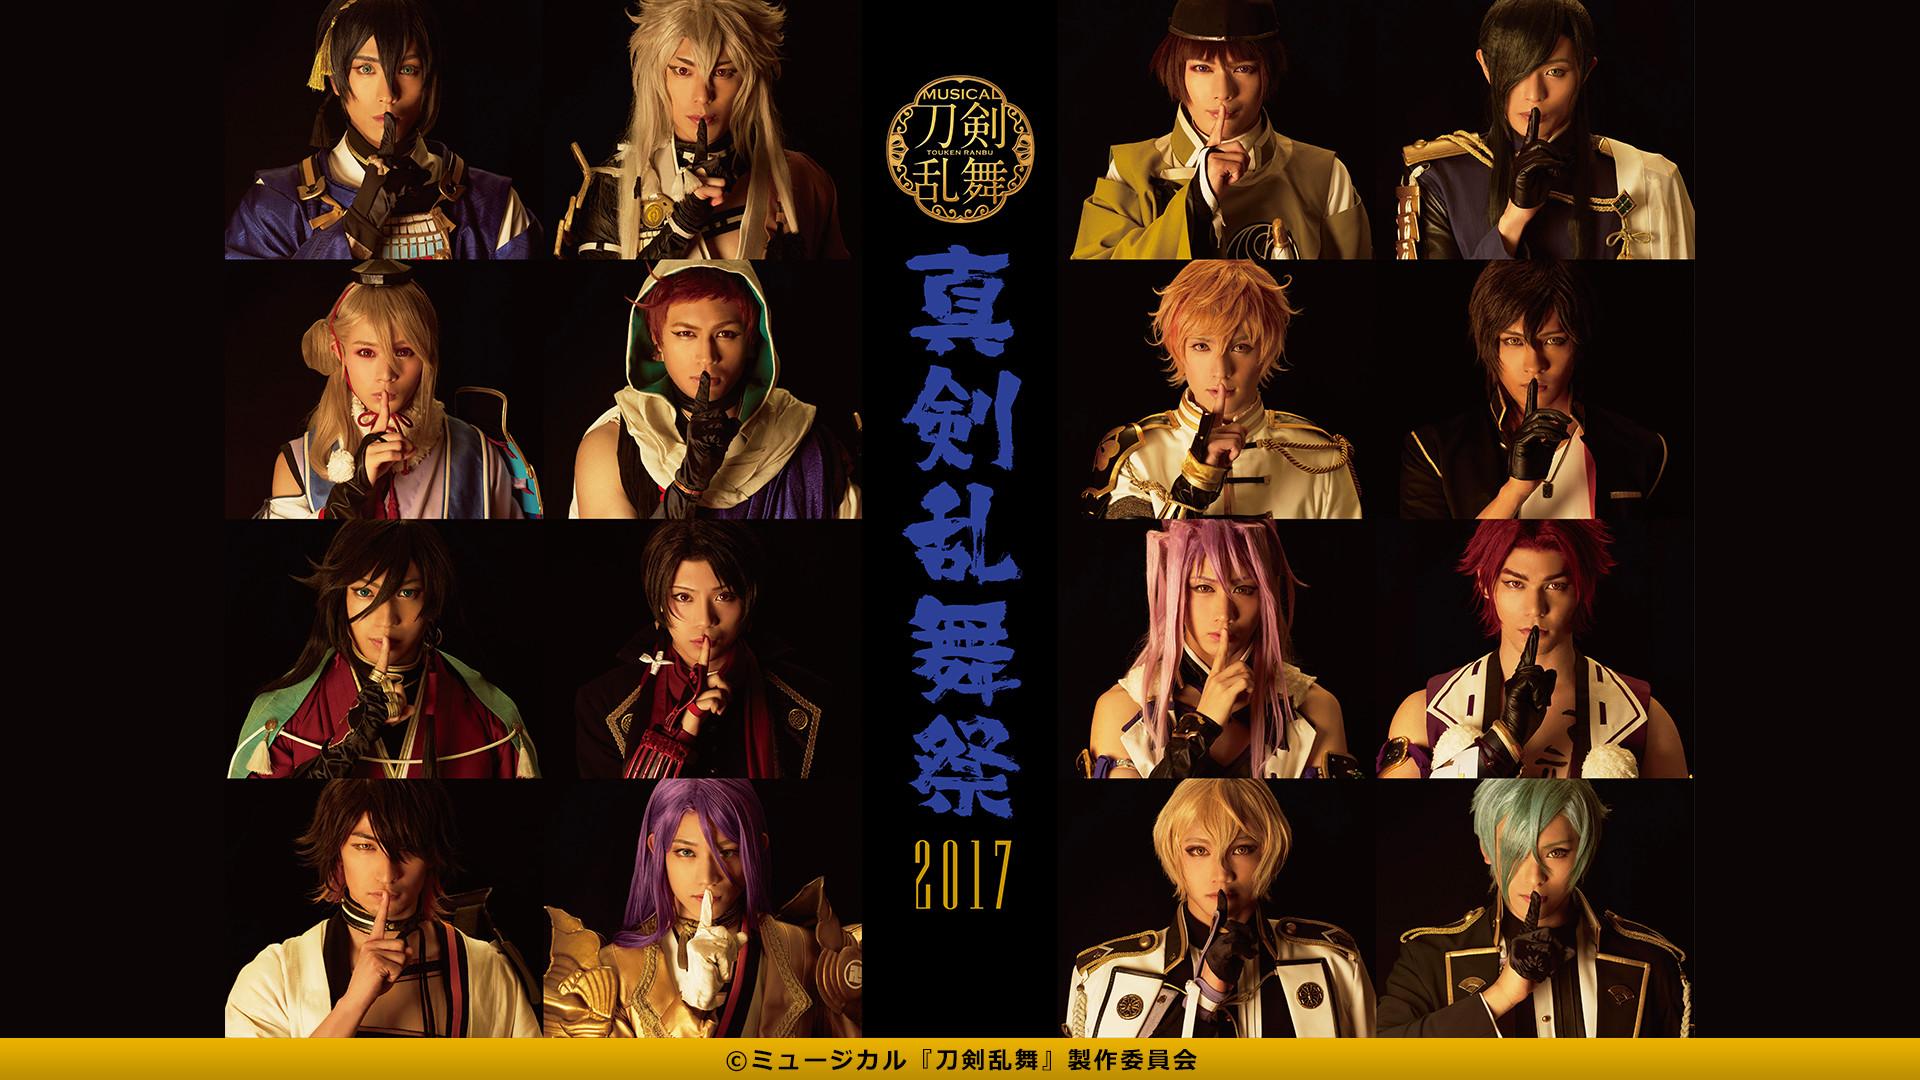 ミュージカル『刀剣乱舞』 ~真剣乱舞祭2017~(全7話)